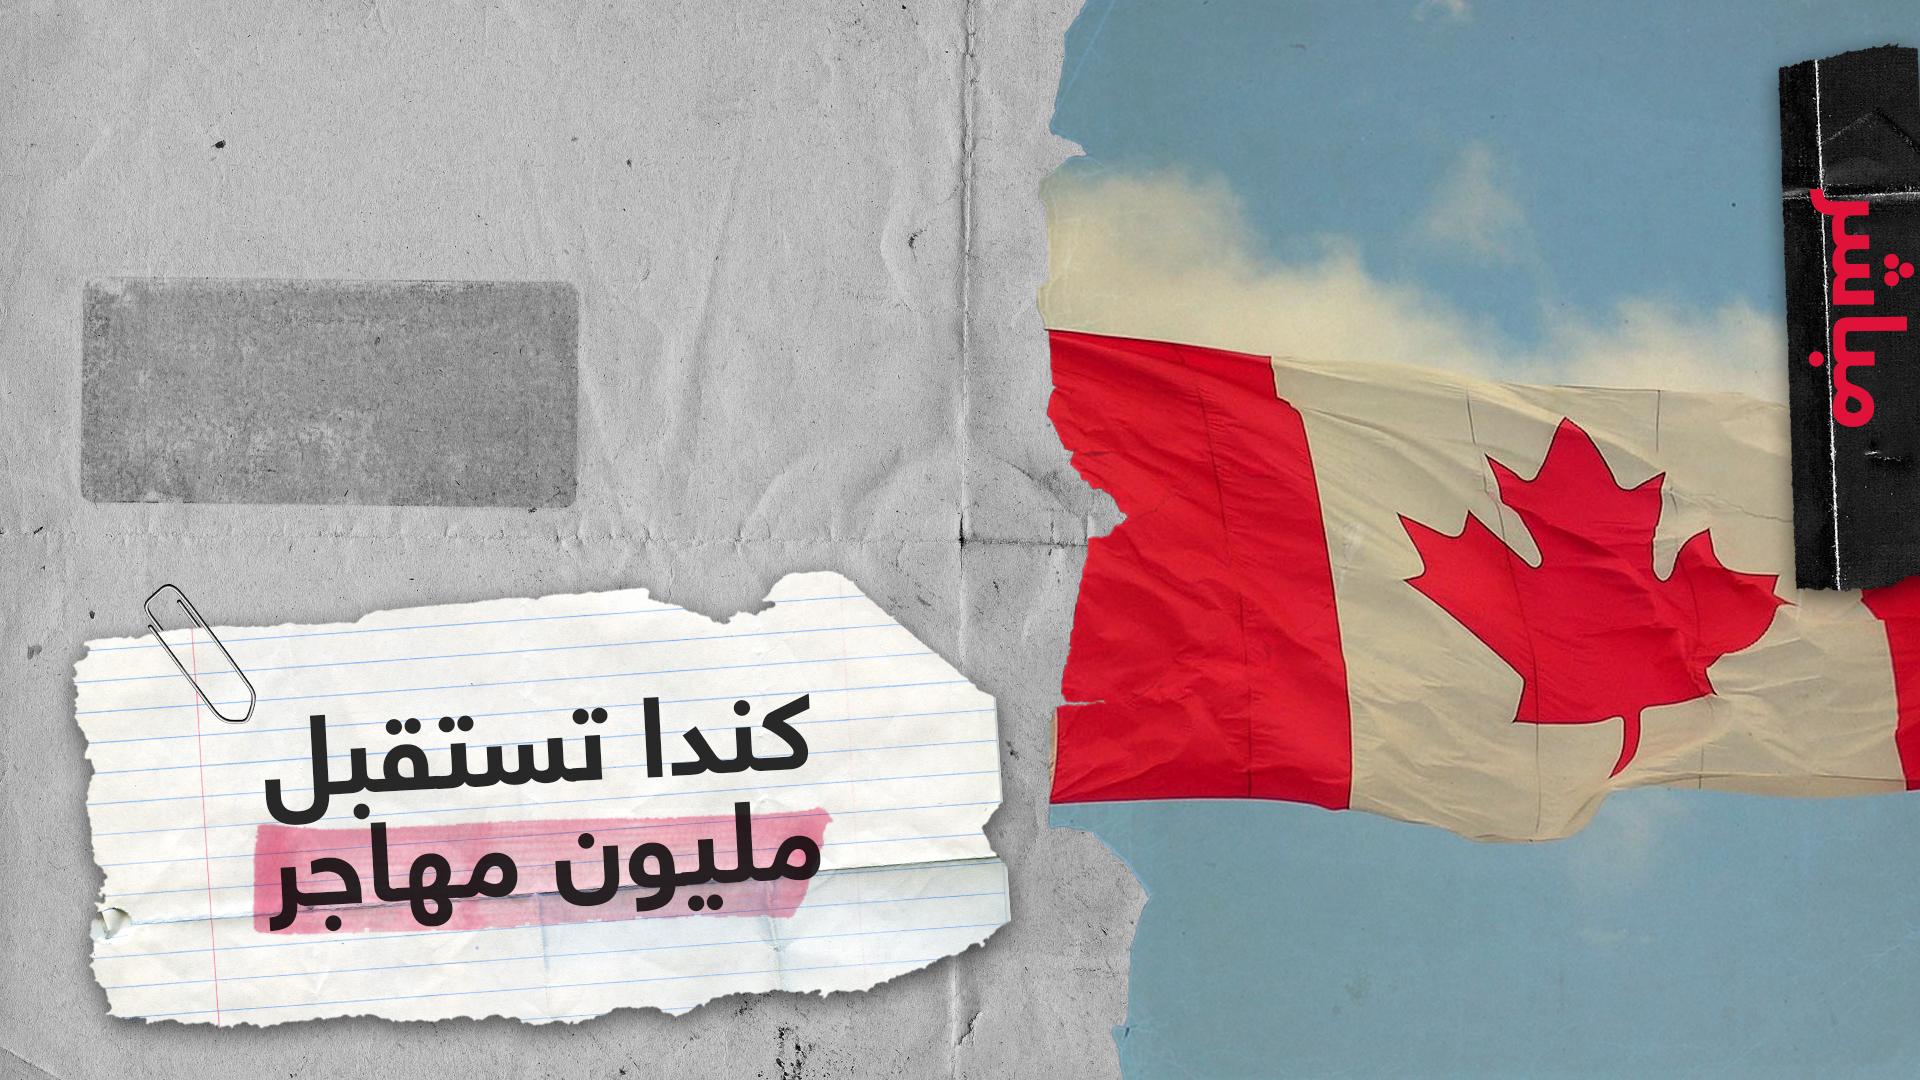 كندا تبحث عن أكثر من مليون مهاجر للعمل في مجالات مختلفة وبامتيازات استثنائية